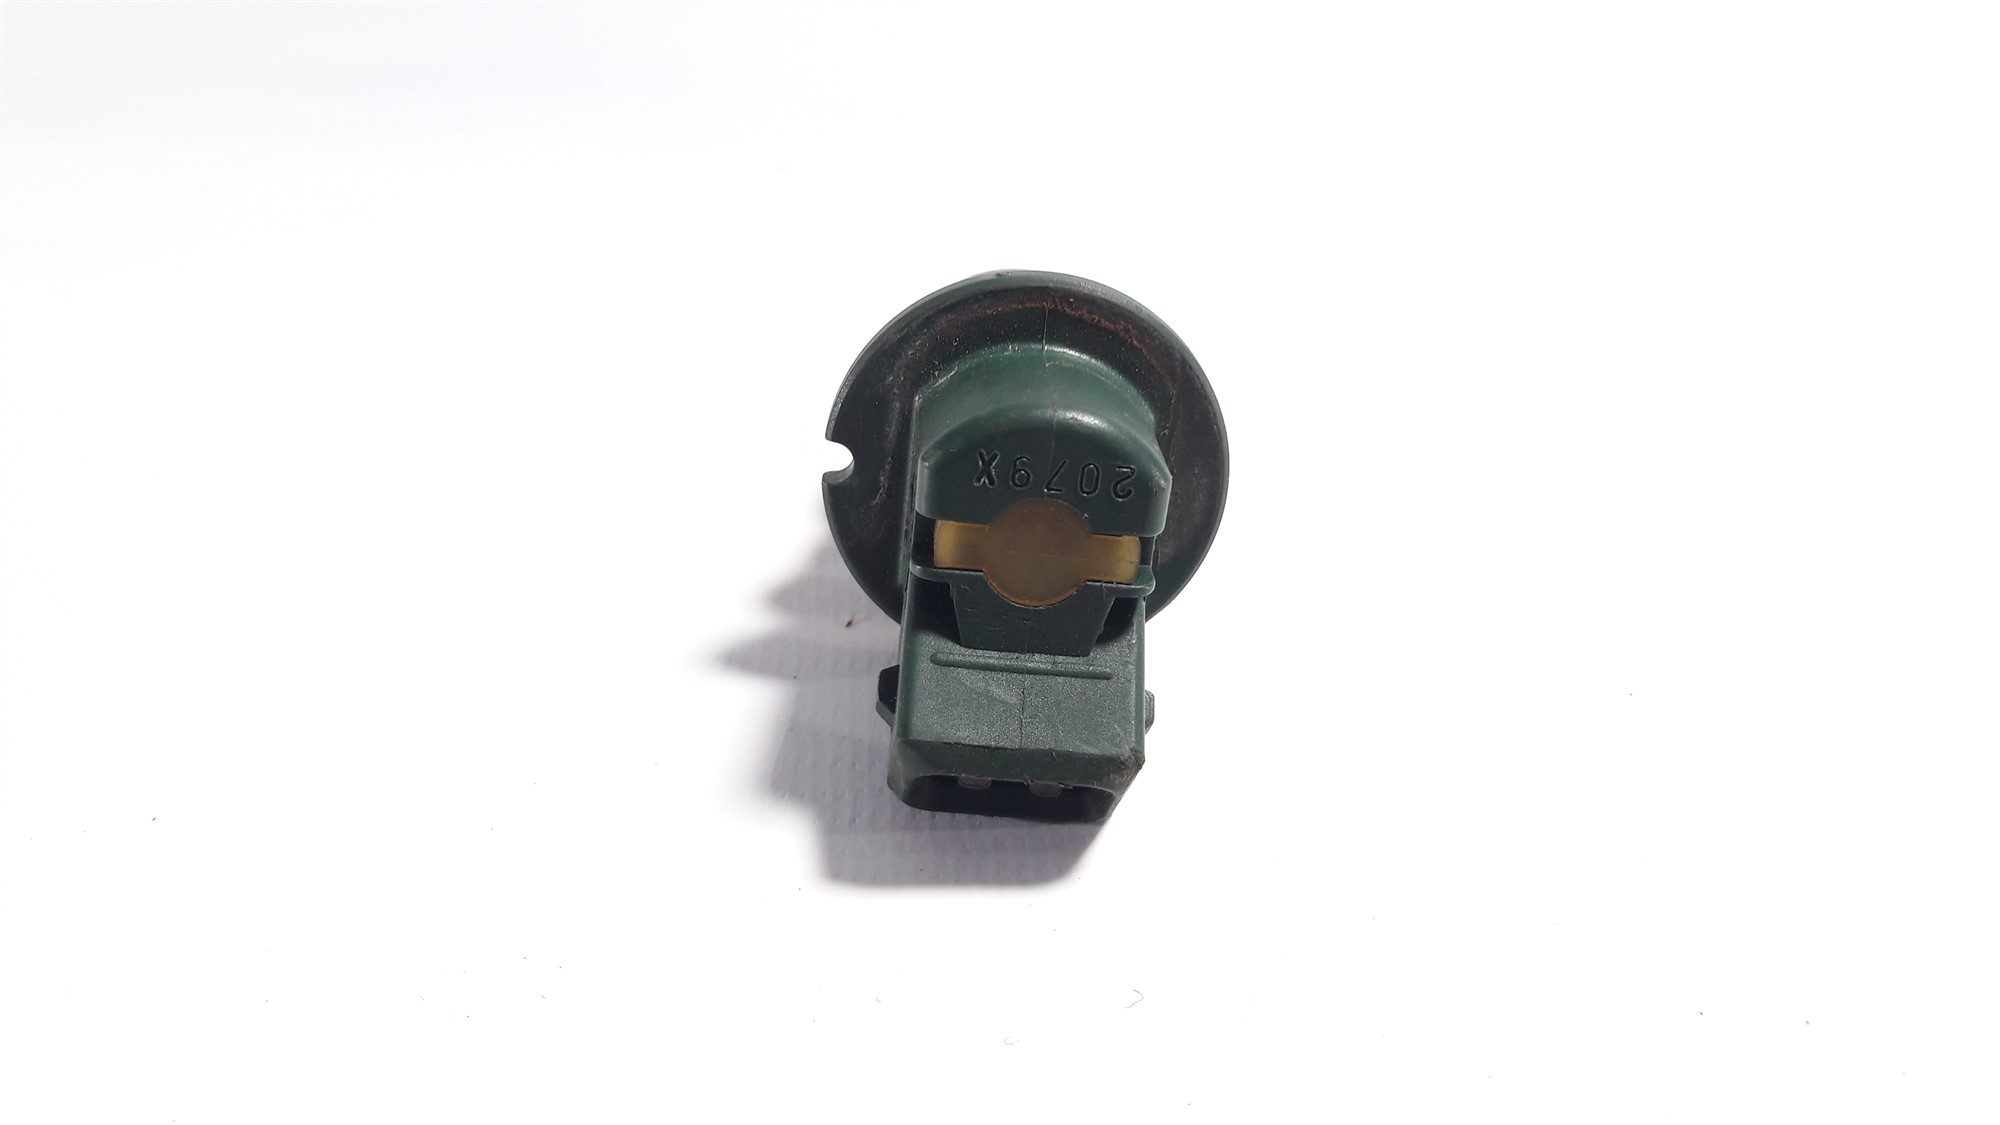 BICO INJETOR MOTOR 2.0 8V F3R RENAULT SCENIC MEGANE 1996 97 98 99 2000 2001